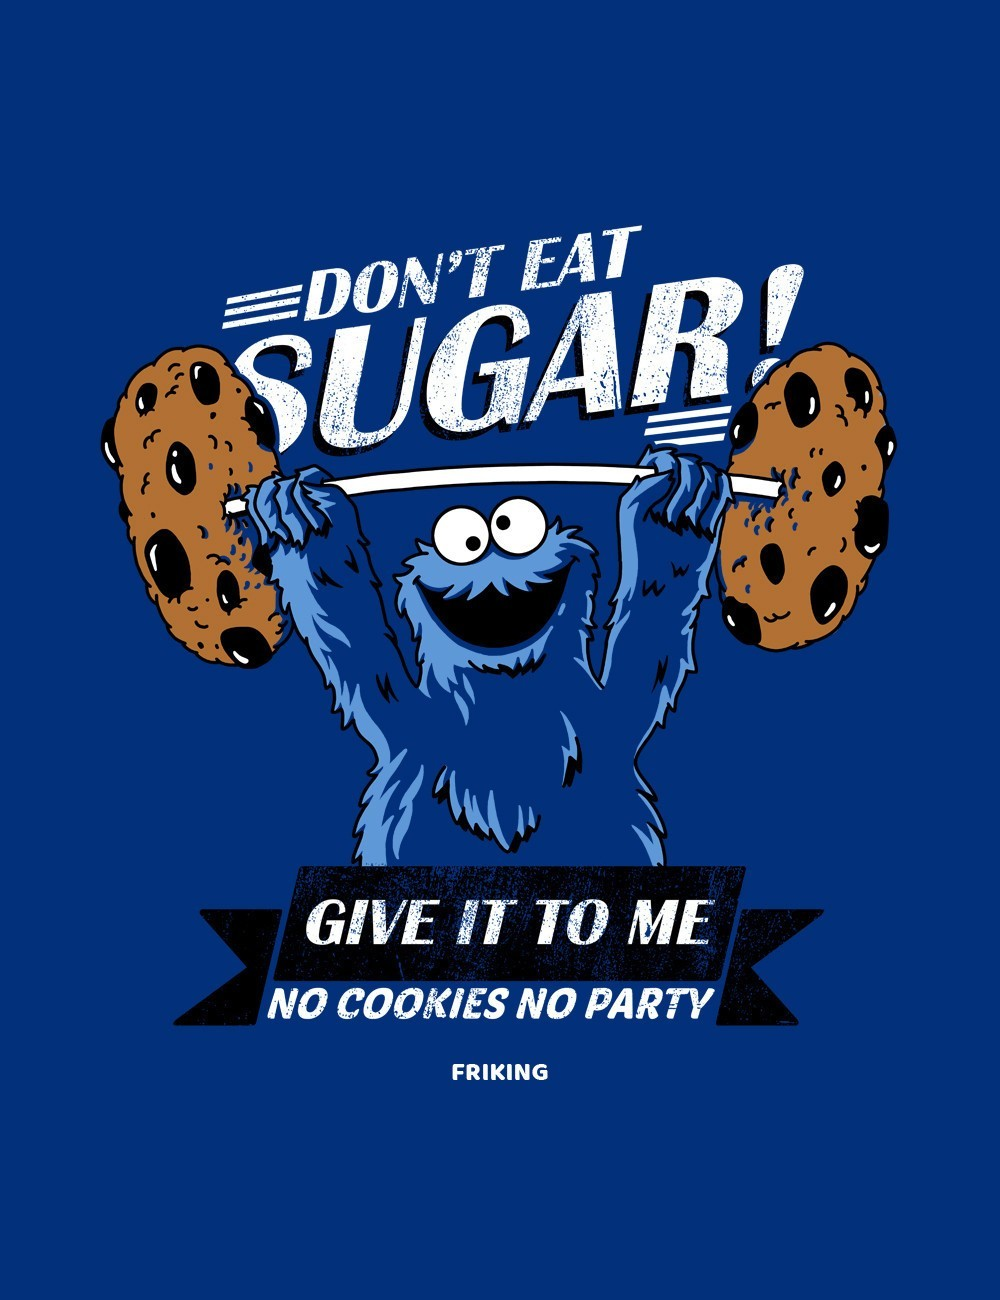 No cookies no party